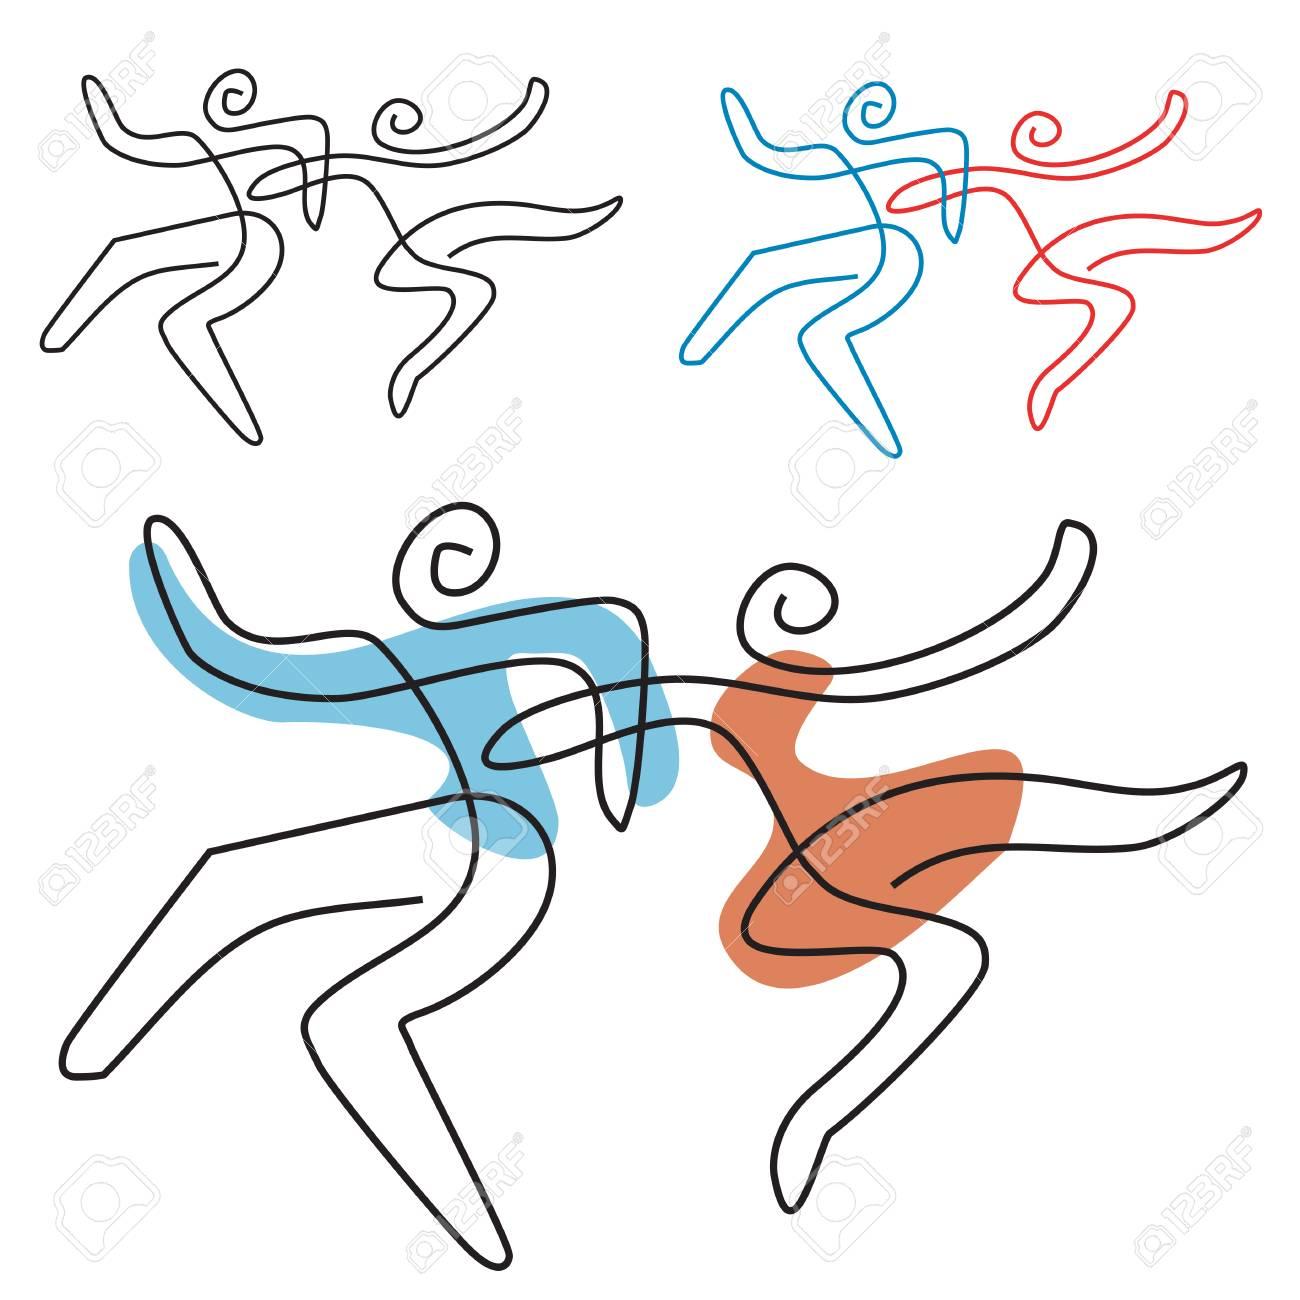 Danse Couple Dessin Au Trait Un Couple De Danse Capricieux Dessin Au Trait Stylisé Vecteur Disponible